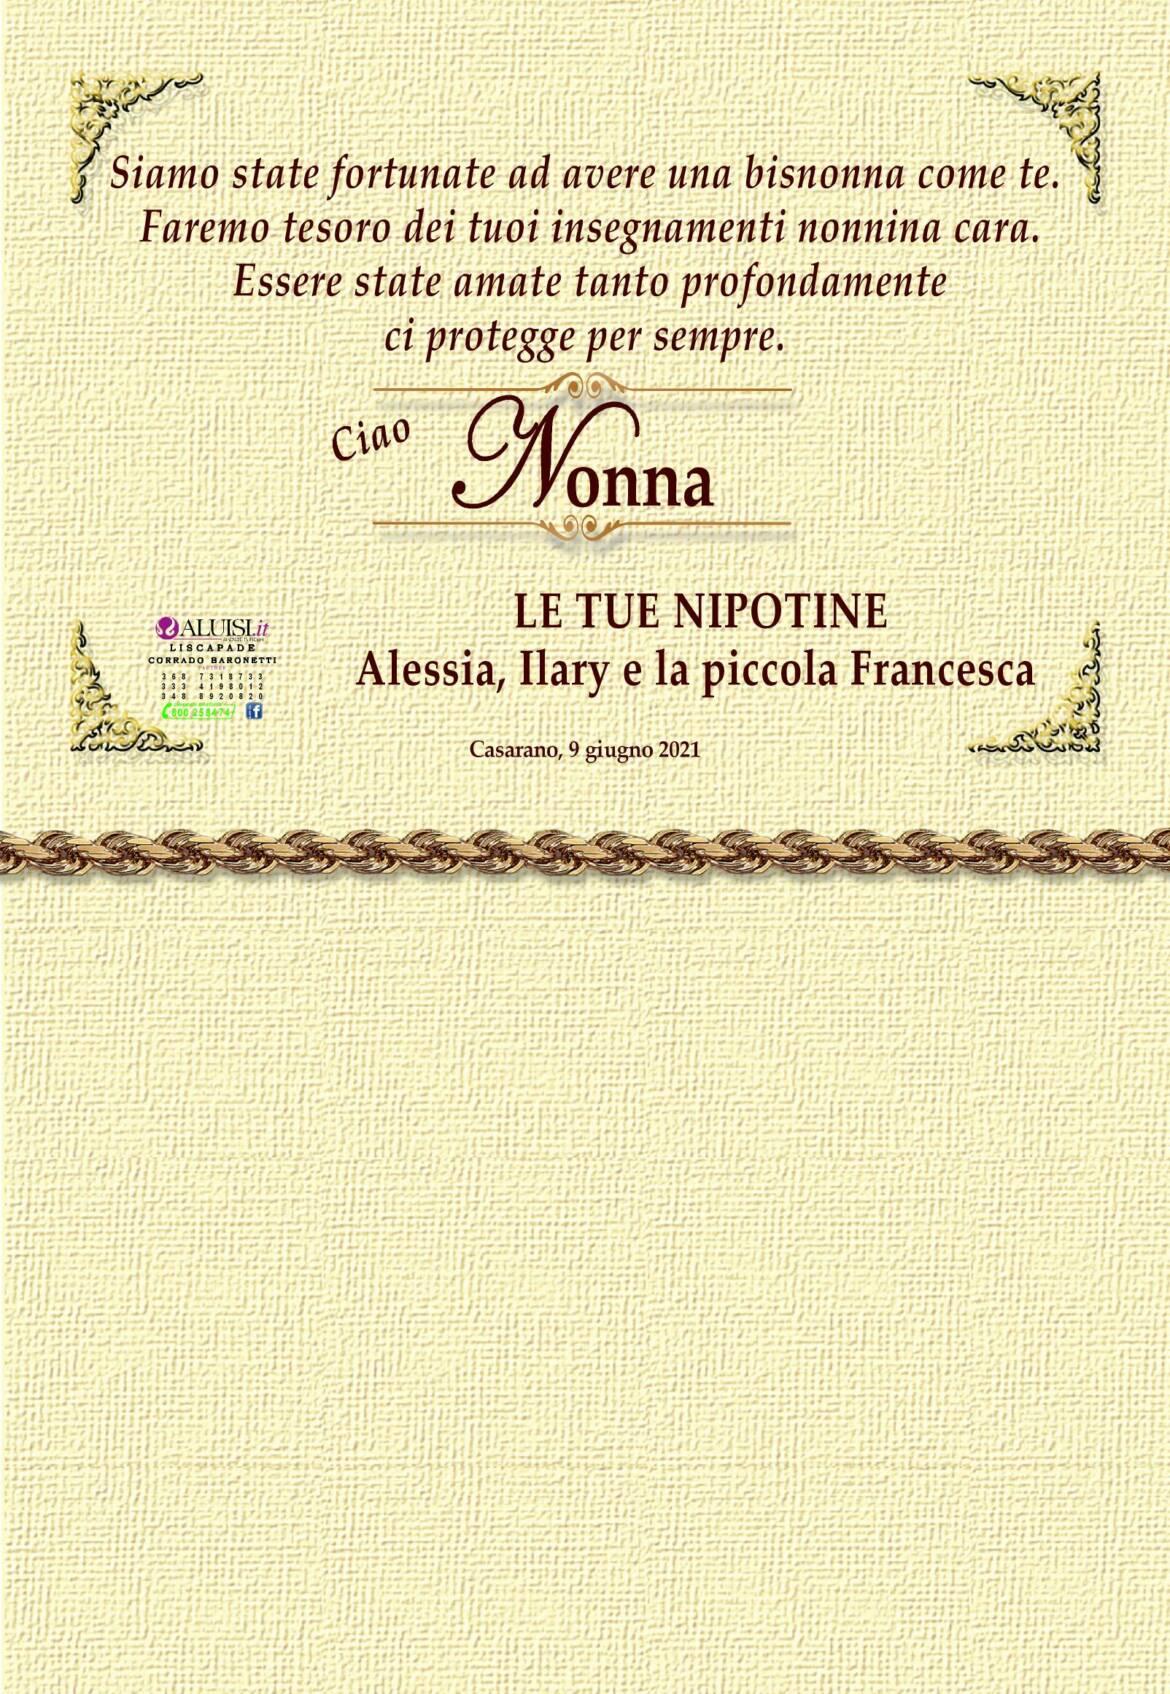 partceipazione-agata-corsano-casarano-3.jpg